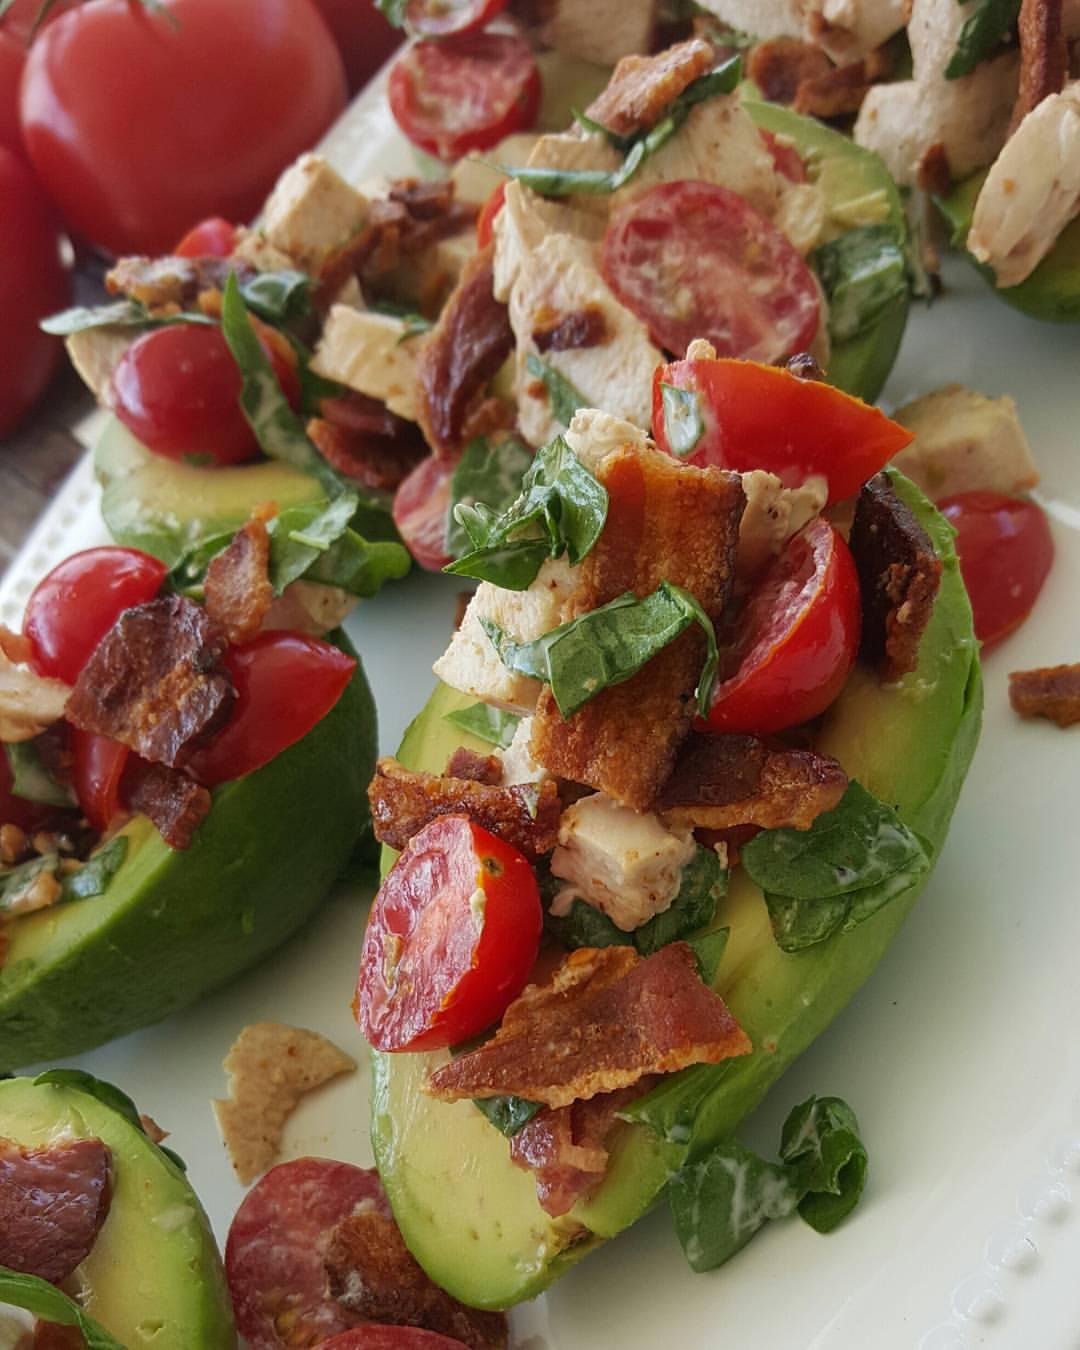 BLT Stuffed Avocado Recipe https://cleanfoodcrush.com/blt-avocados/